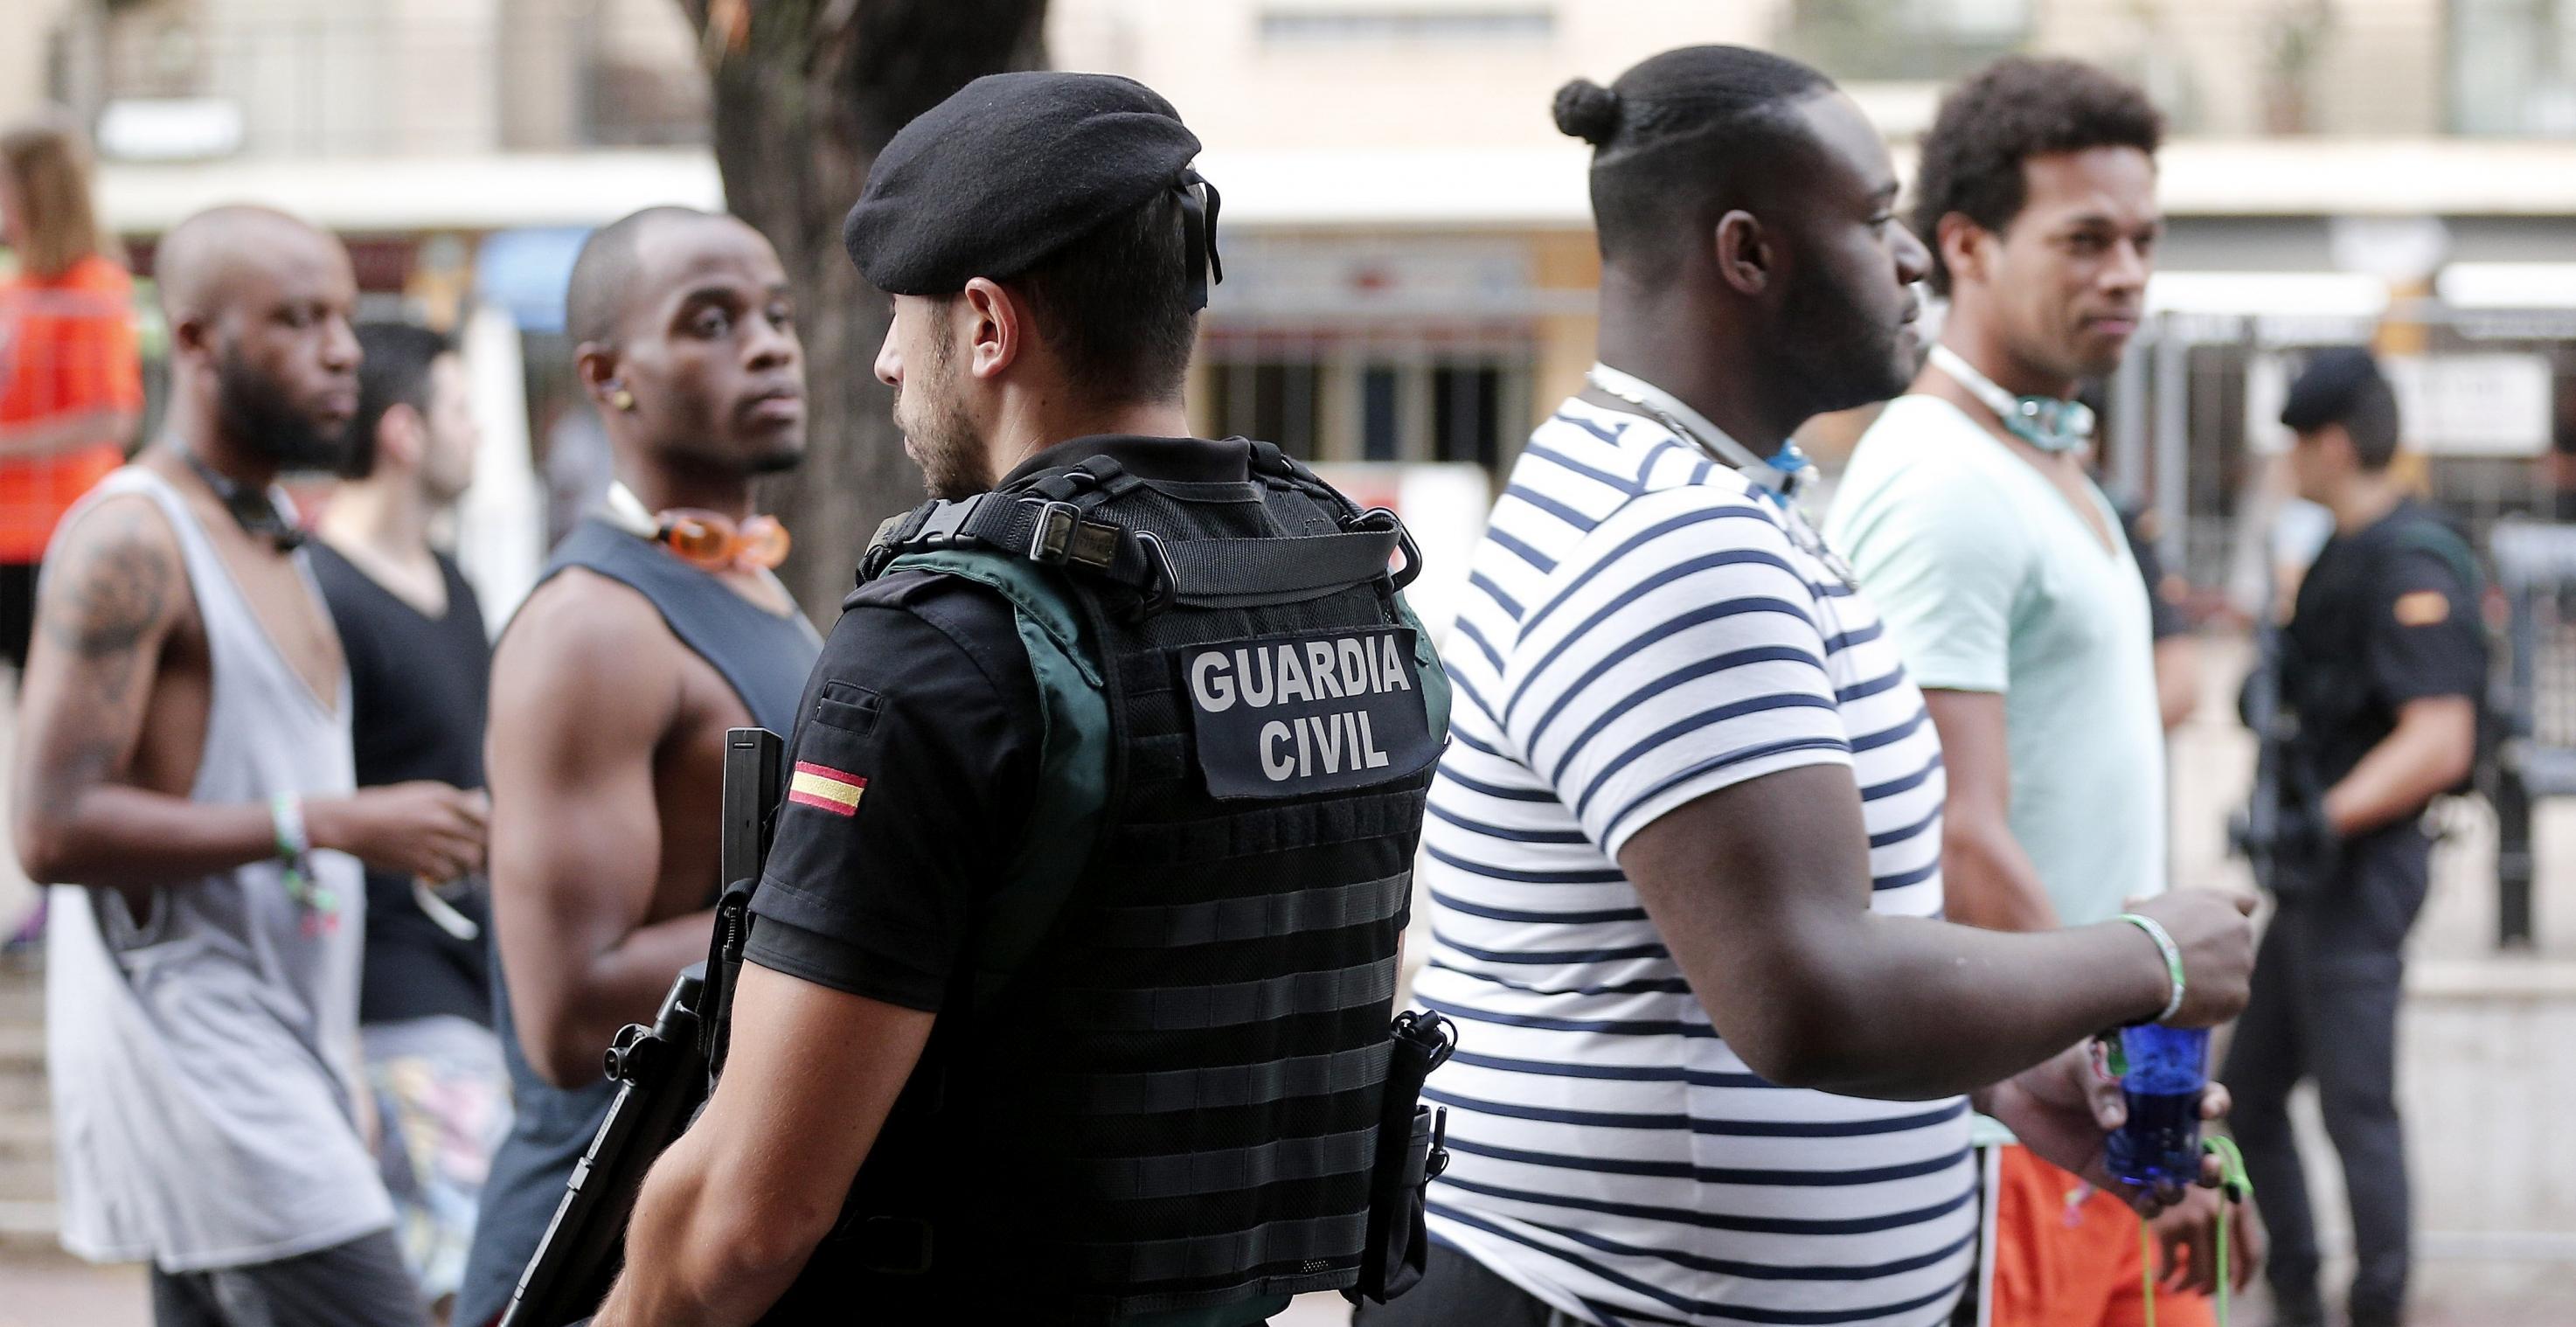 Miembros de la Guadia Civil durante los controles que se han realizado a la entrada de la Tomatina de Bunyol, donde han particpado 22.000 personas. EFE/ Miguel Angel Polo